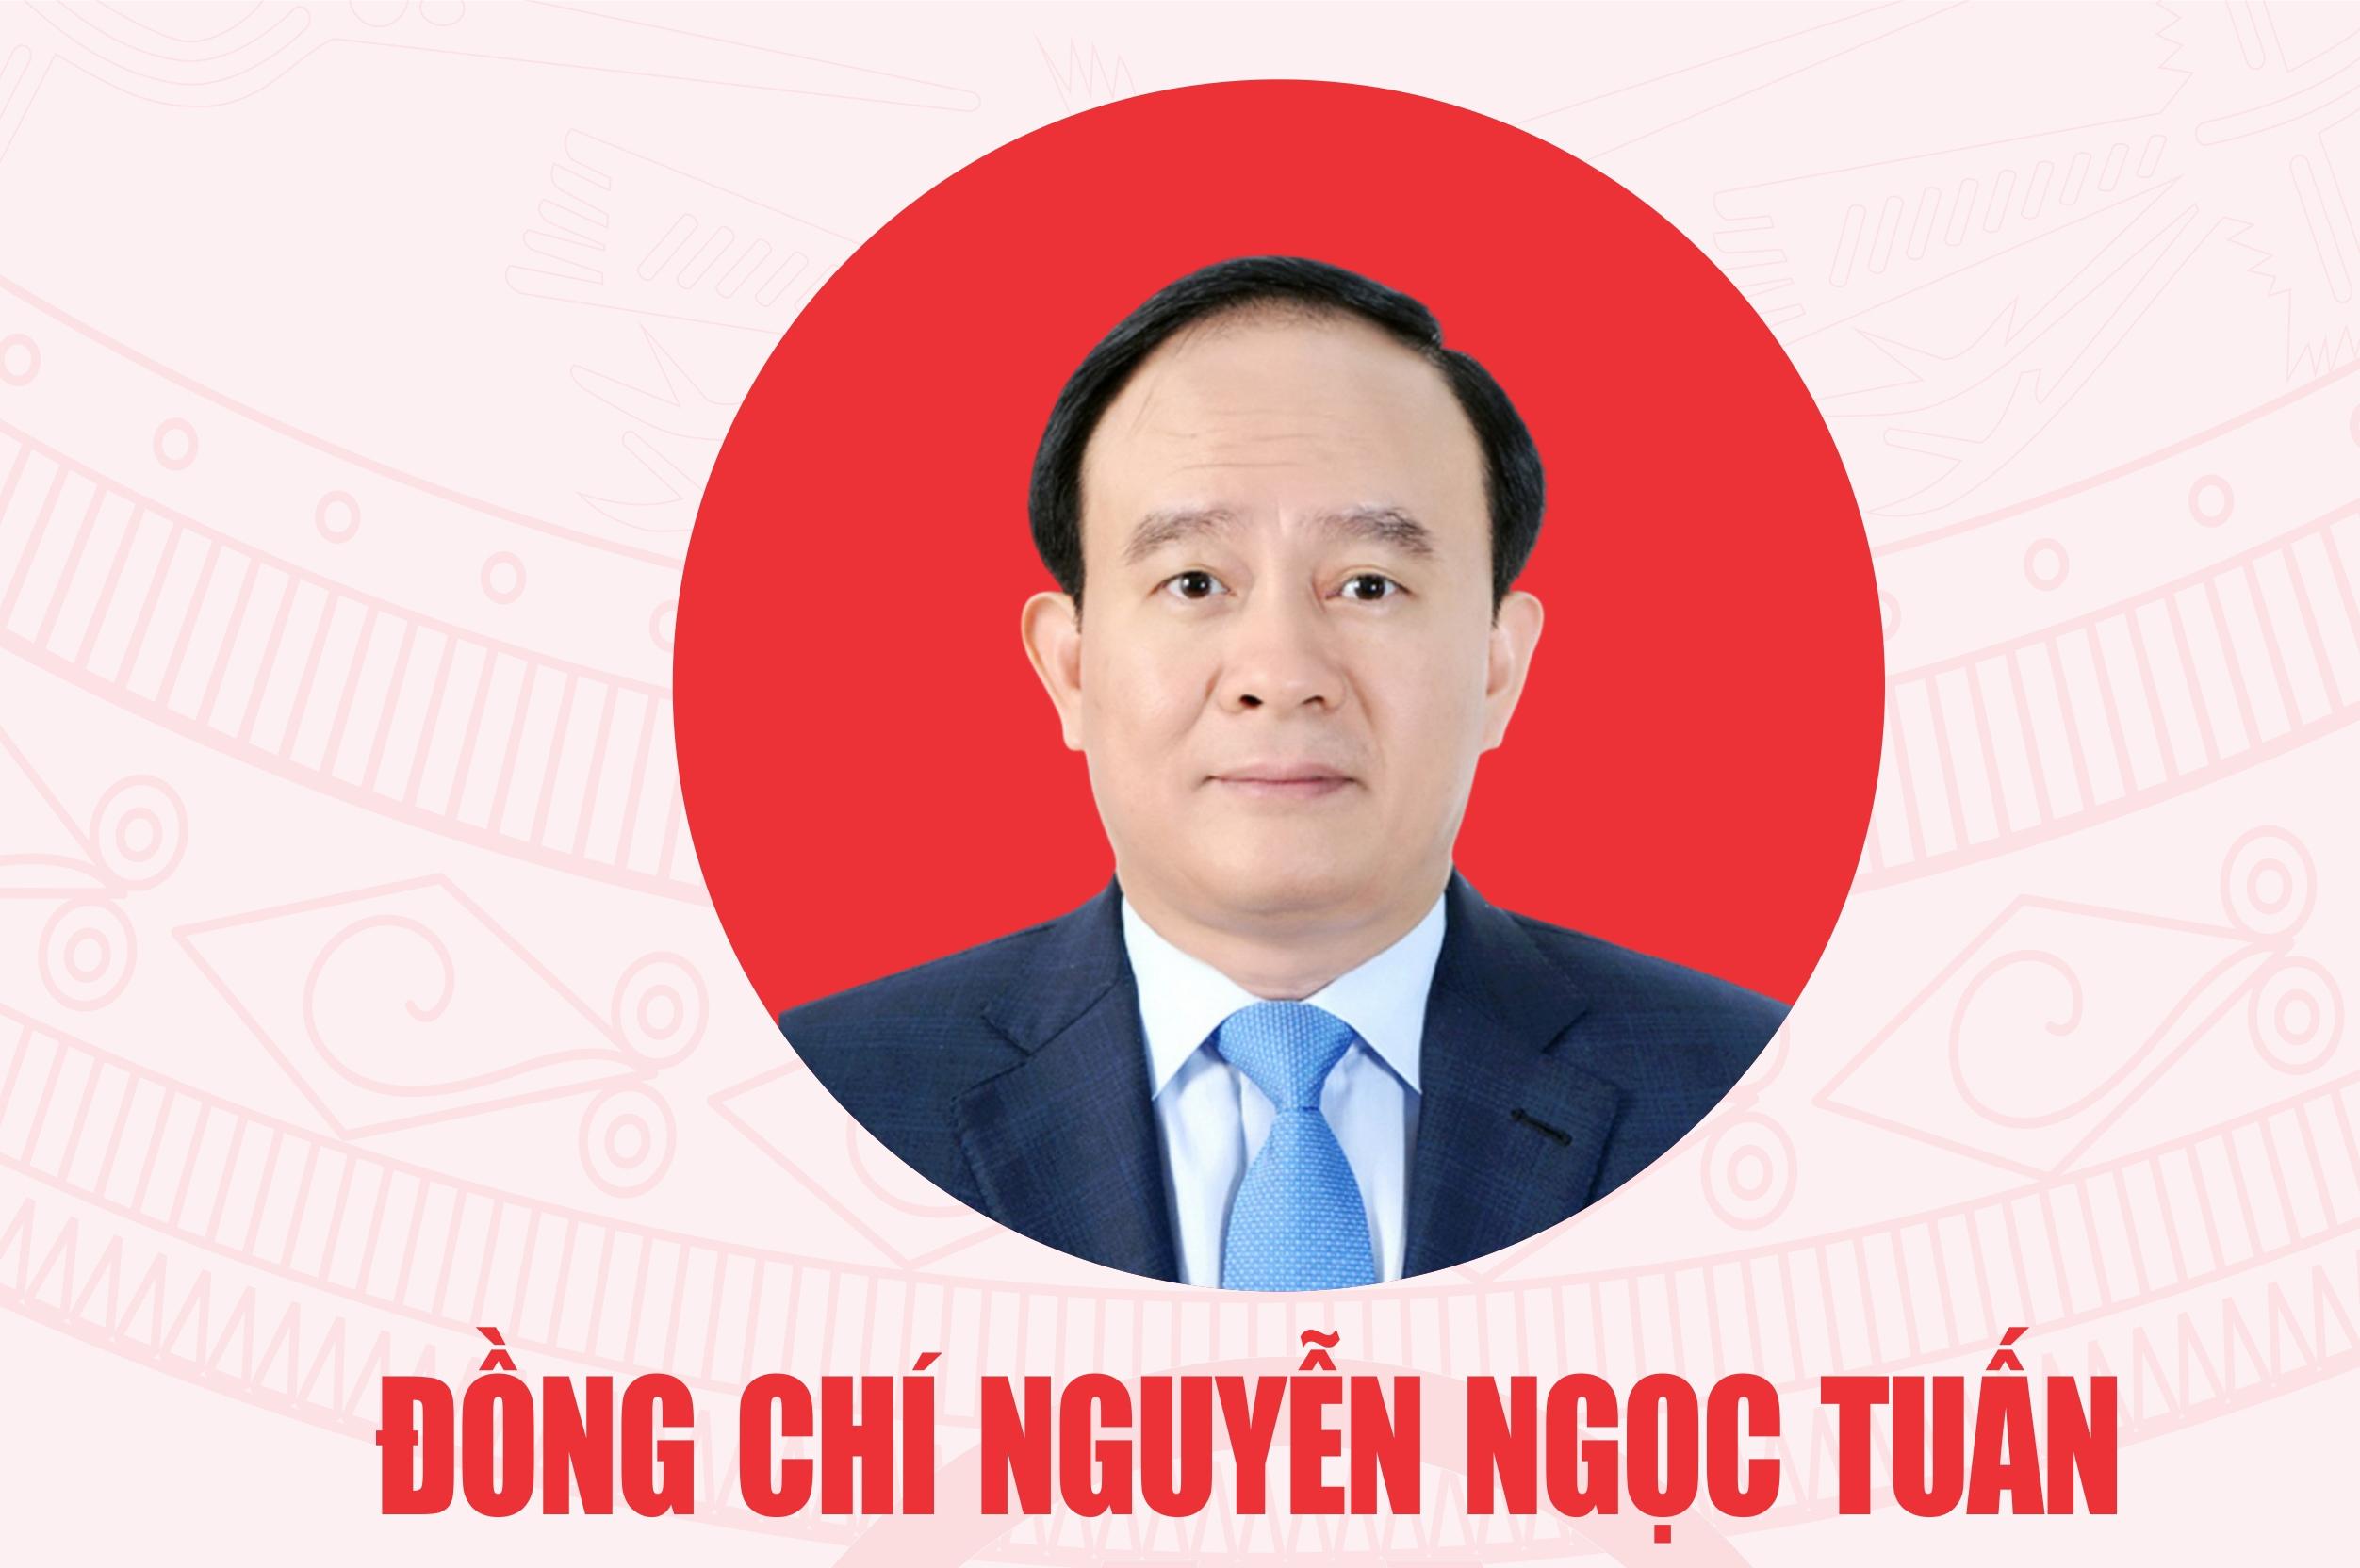 [Infographic] Chân dung Chủ tịch Hội đồng nhân dân thành phố Hà Nội Nguyễn Ngọc Tuấn